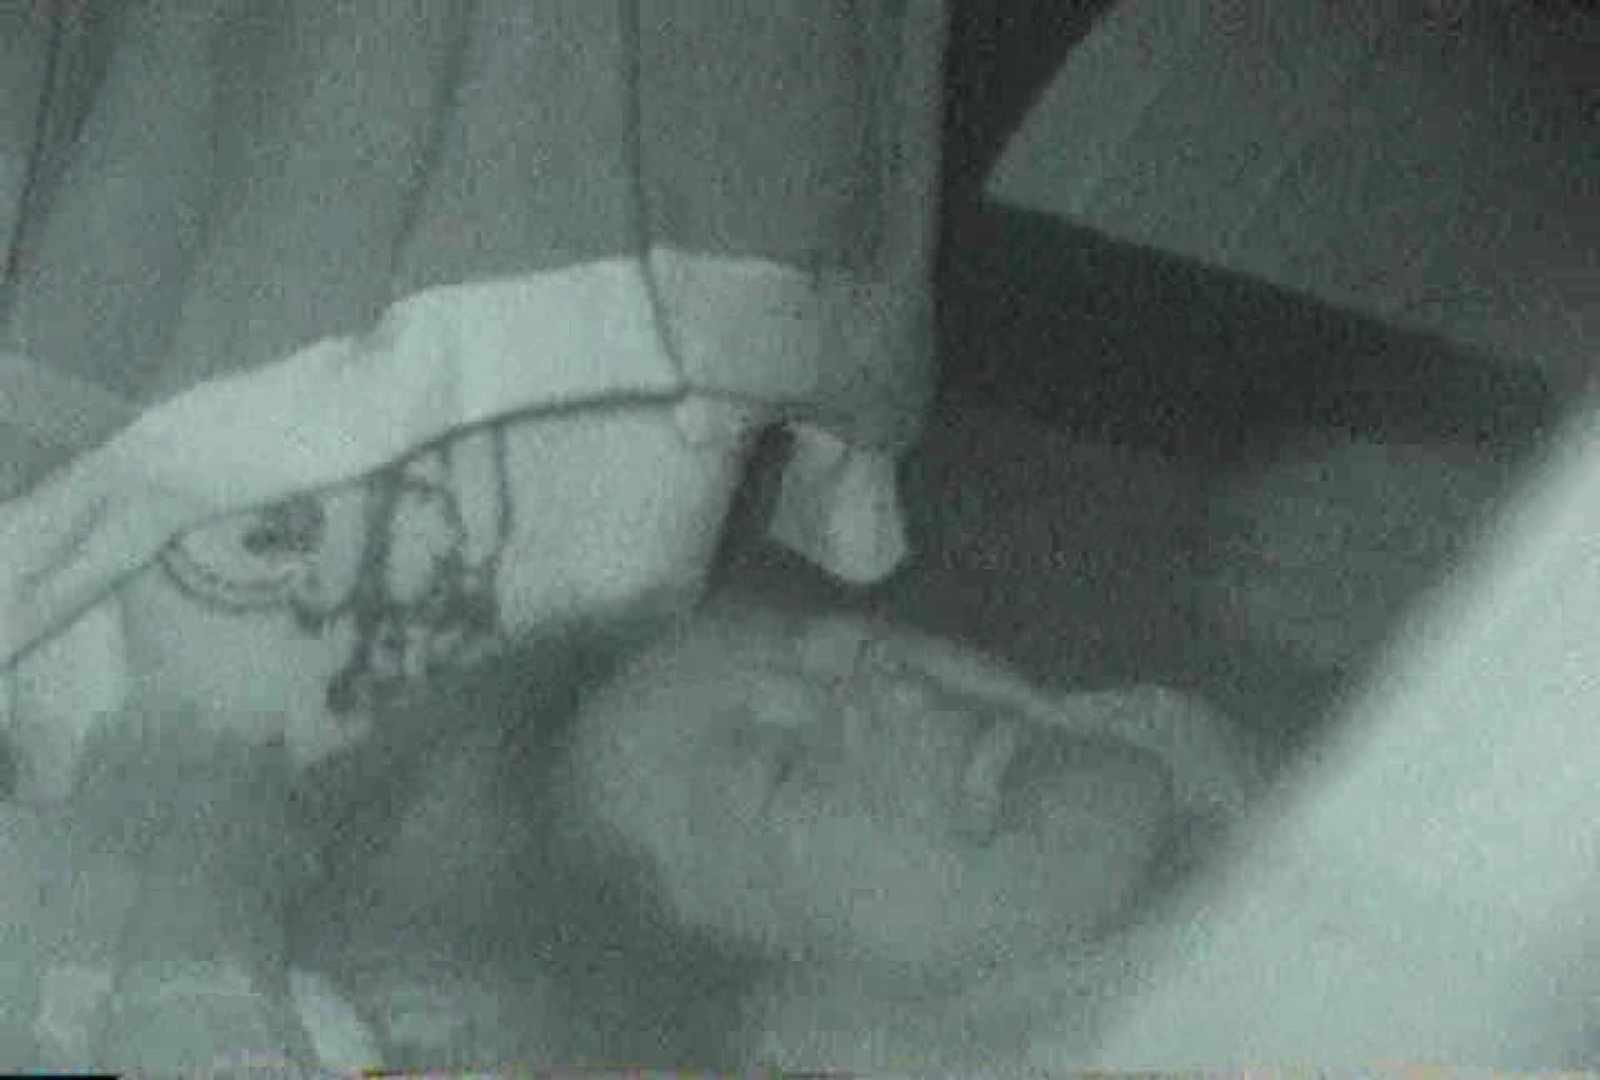 充血監督の深夜の運動会Vol.112 OLエロ画像 盗み撮りAV無料動画キャプチャ 83PICs 79